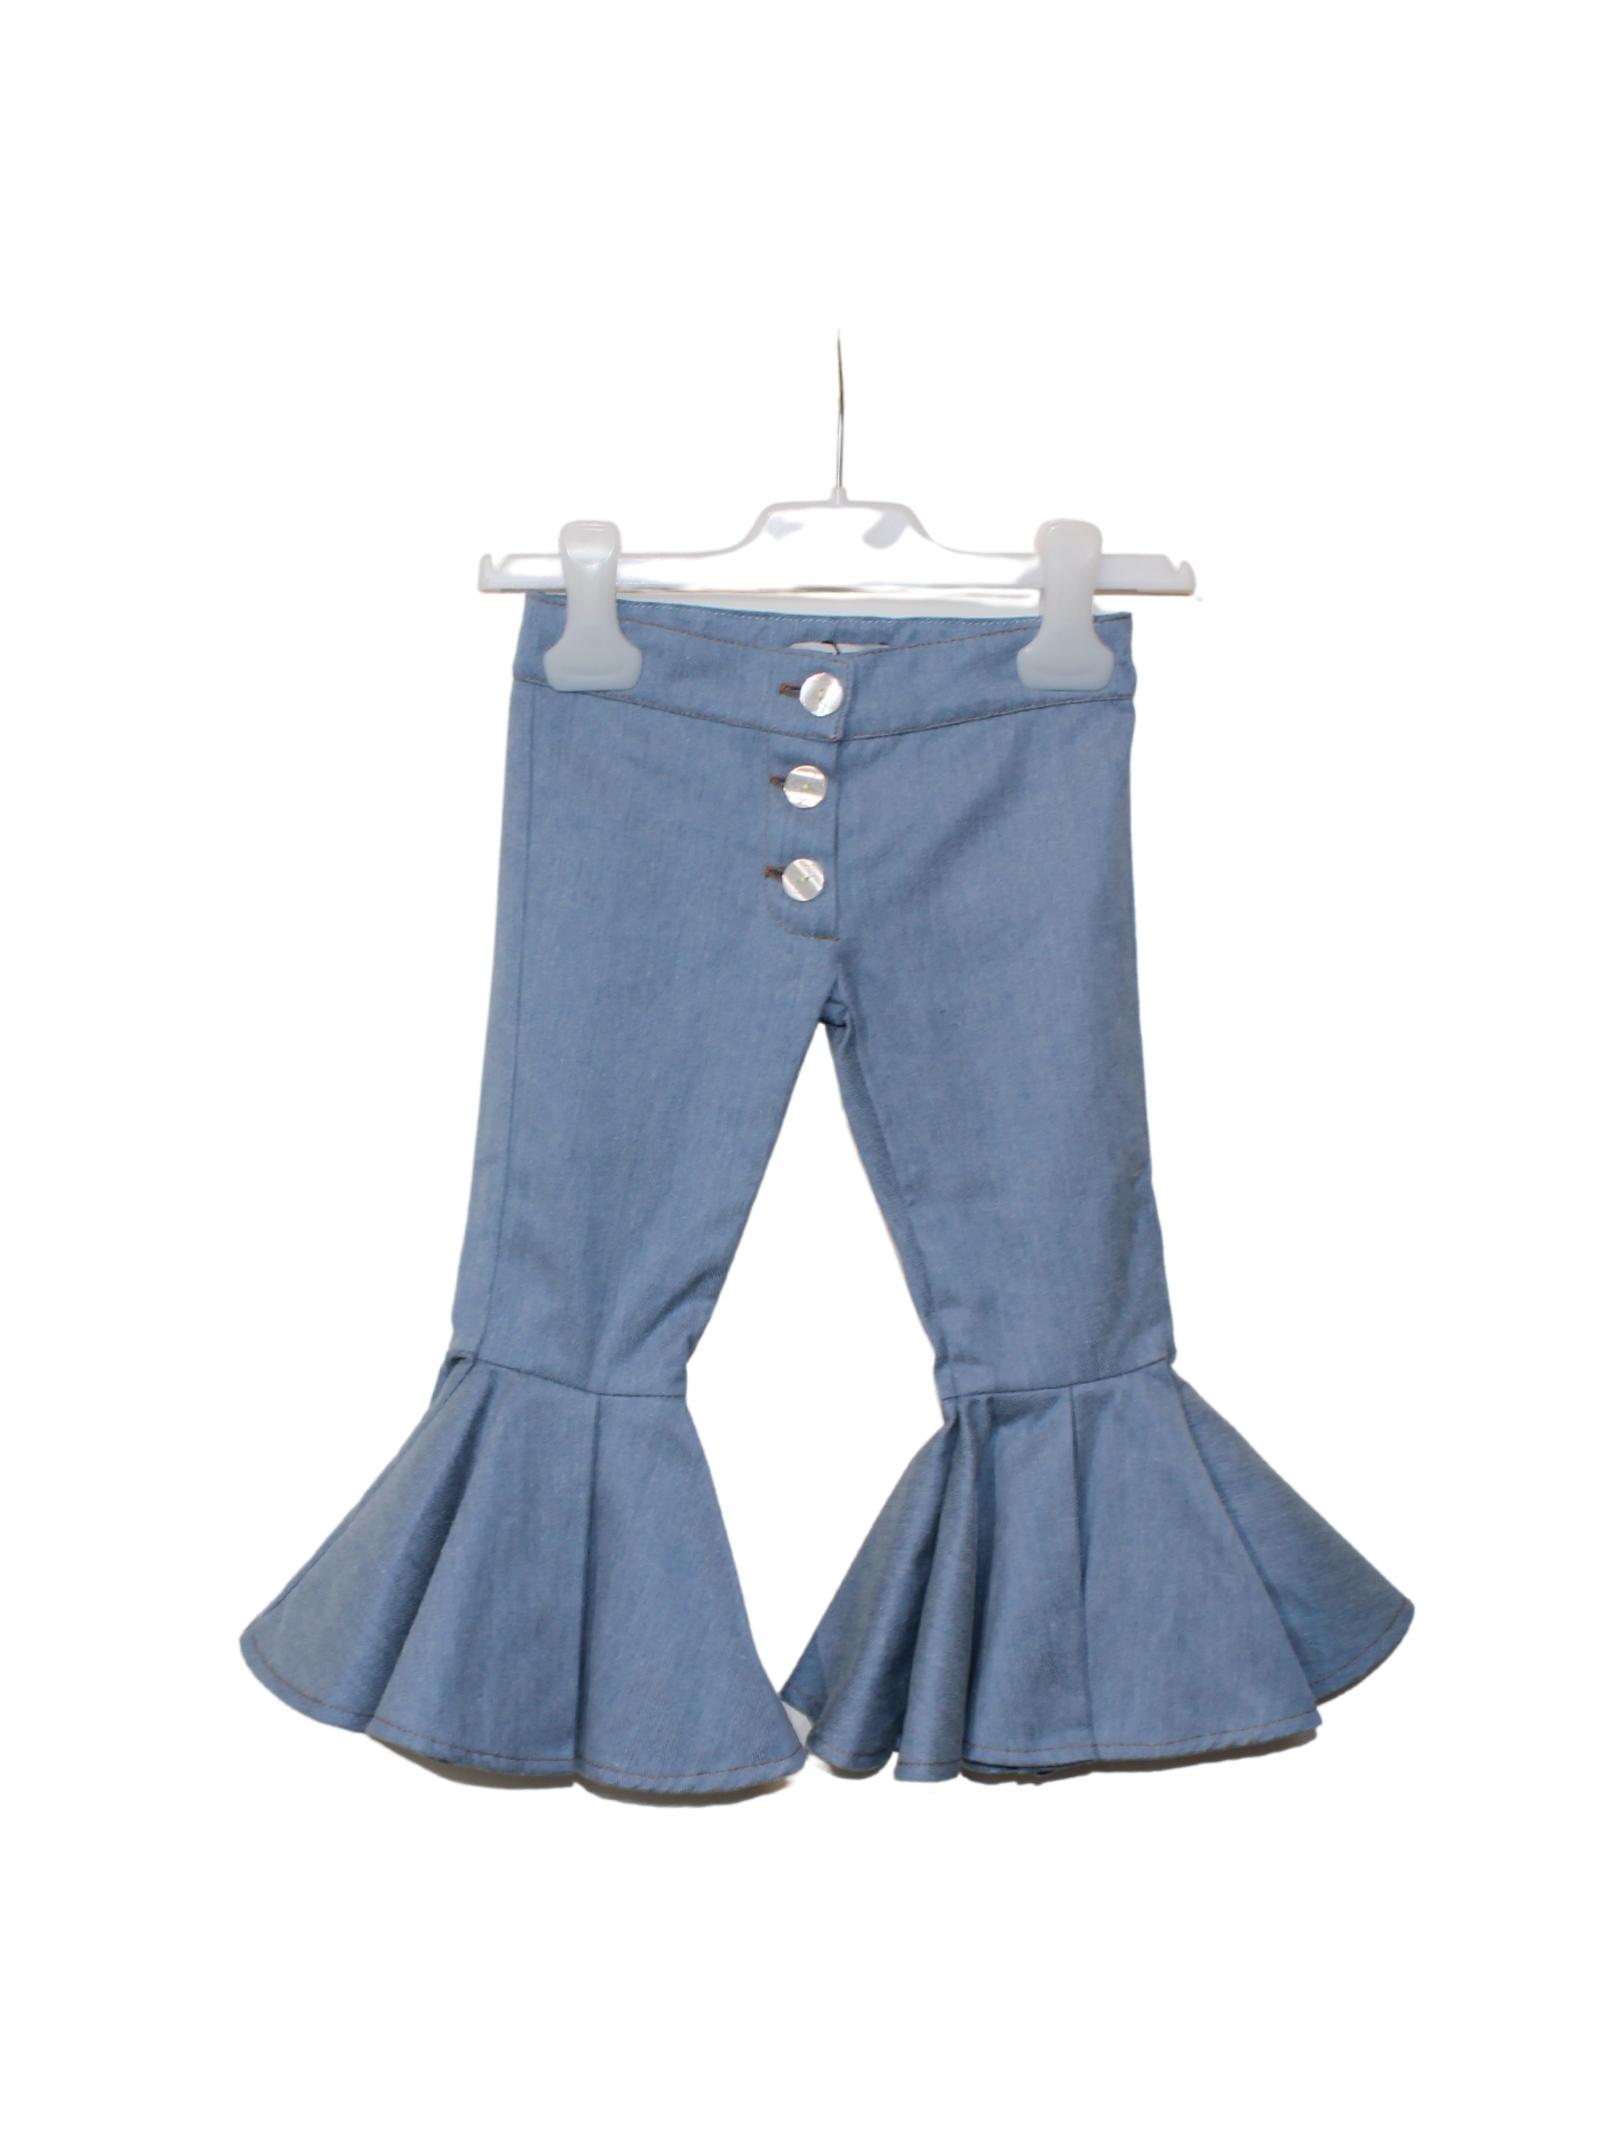 Pantalone Zampa Rouche Bambina GOY AND ZAZA   Pantaloni   C2GBDENIM